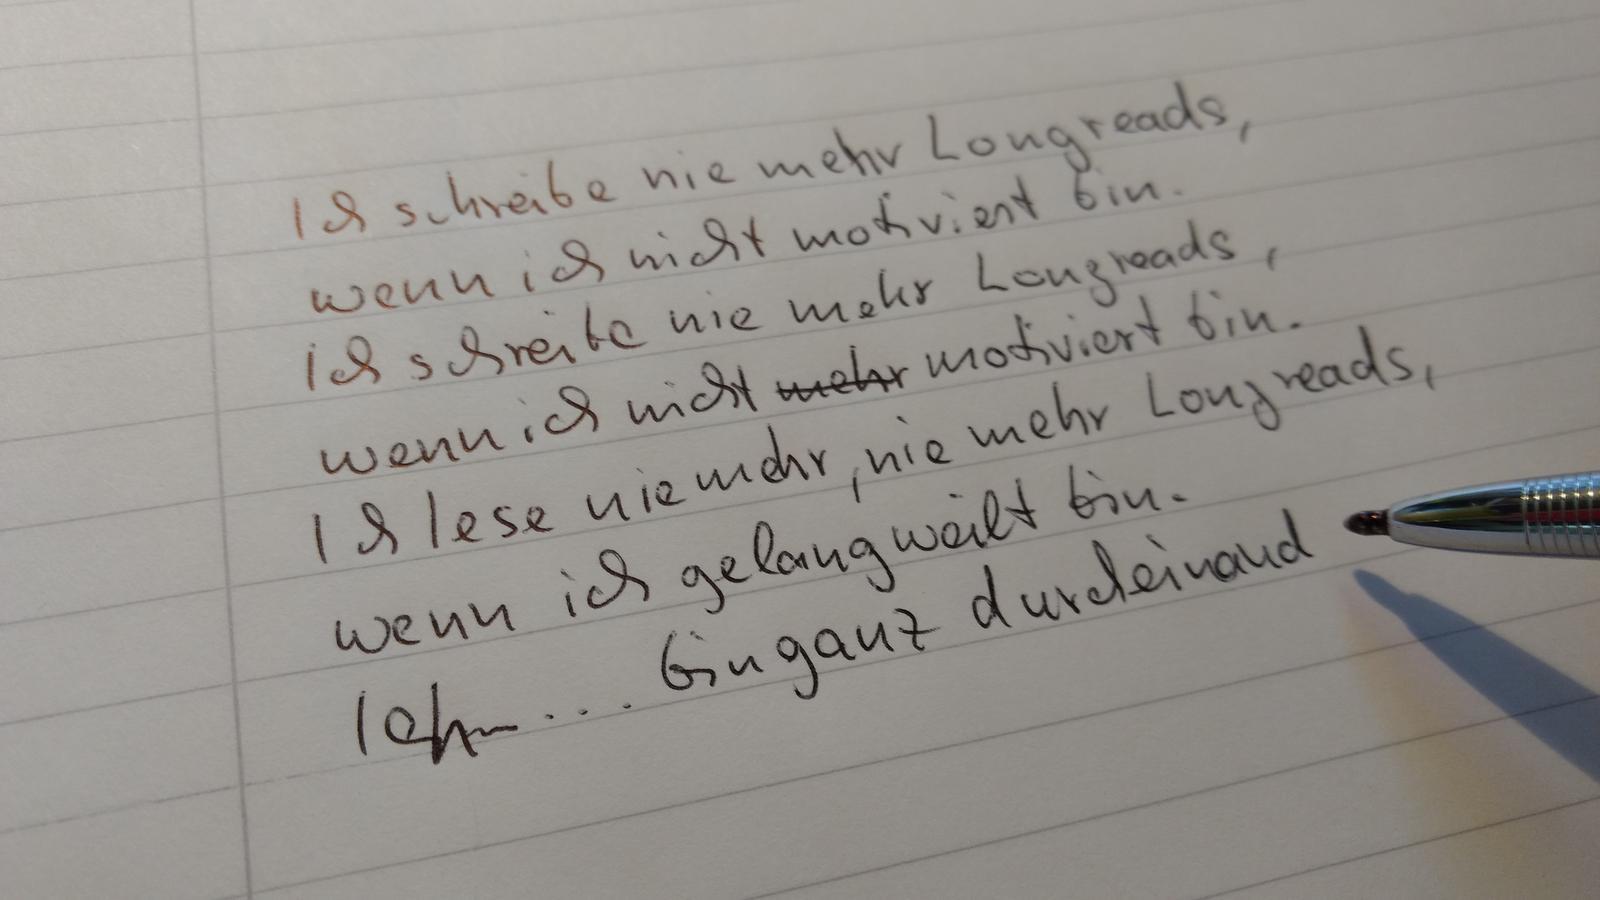 Ich schreibe nie mehr Longreads ...